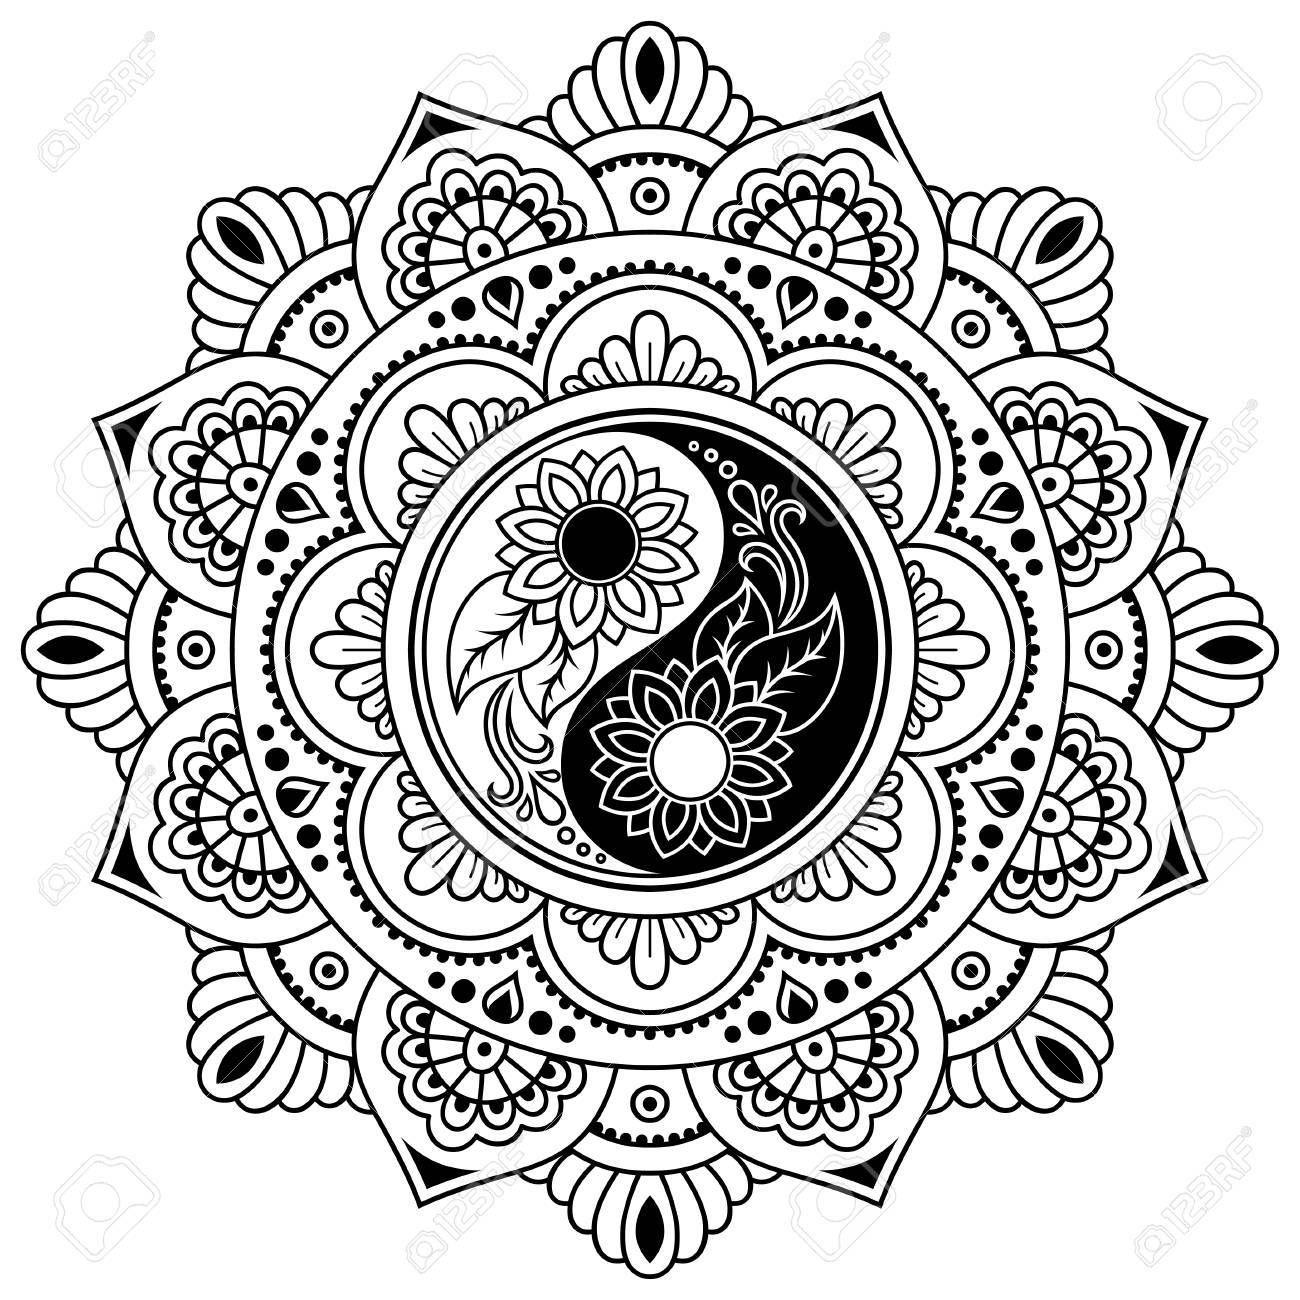 Immagine correlata  Mandalas zum ausmalen, Mandala ausmalen